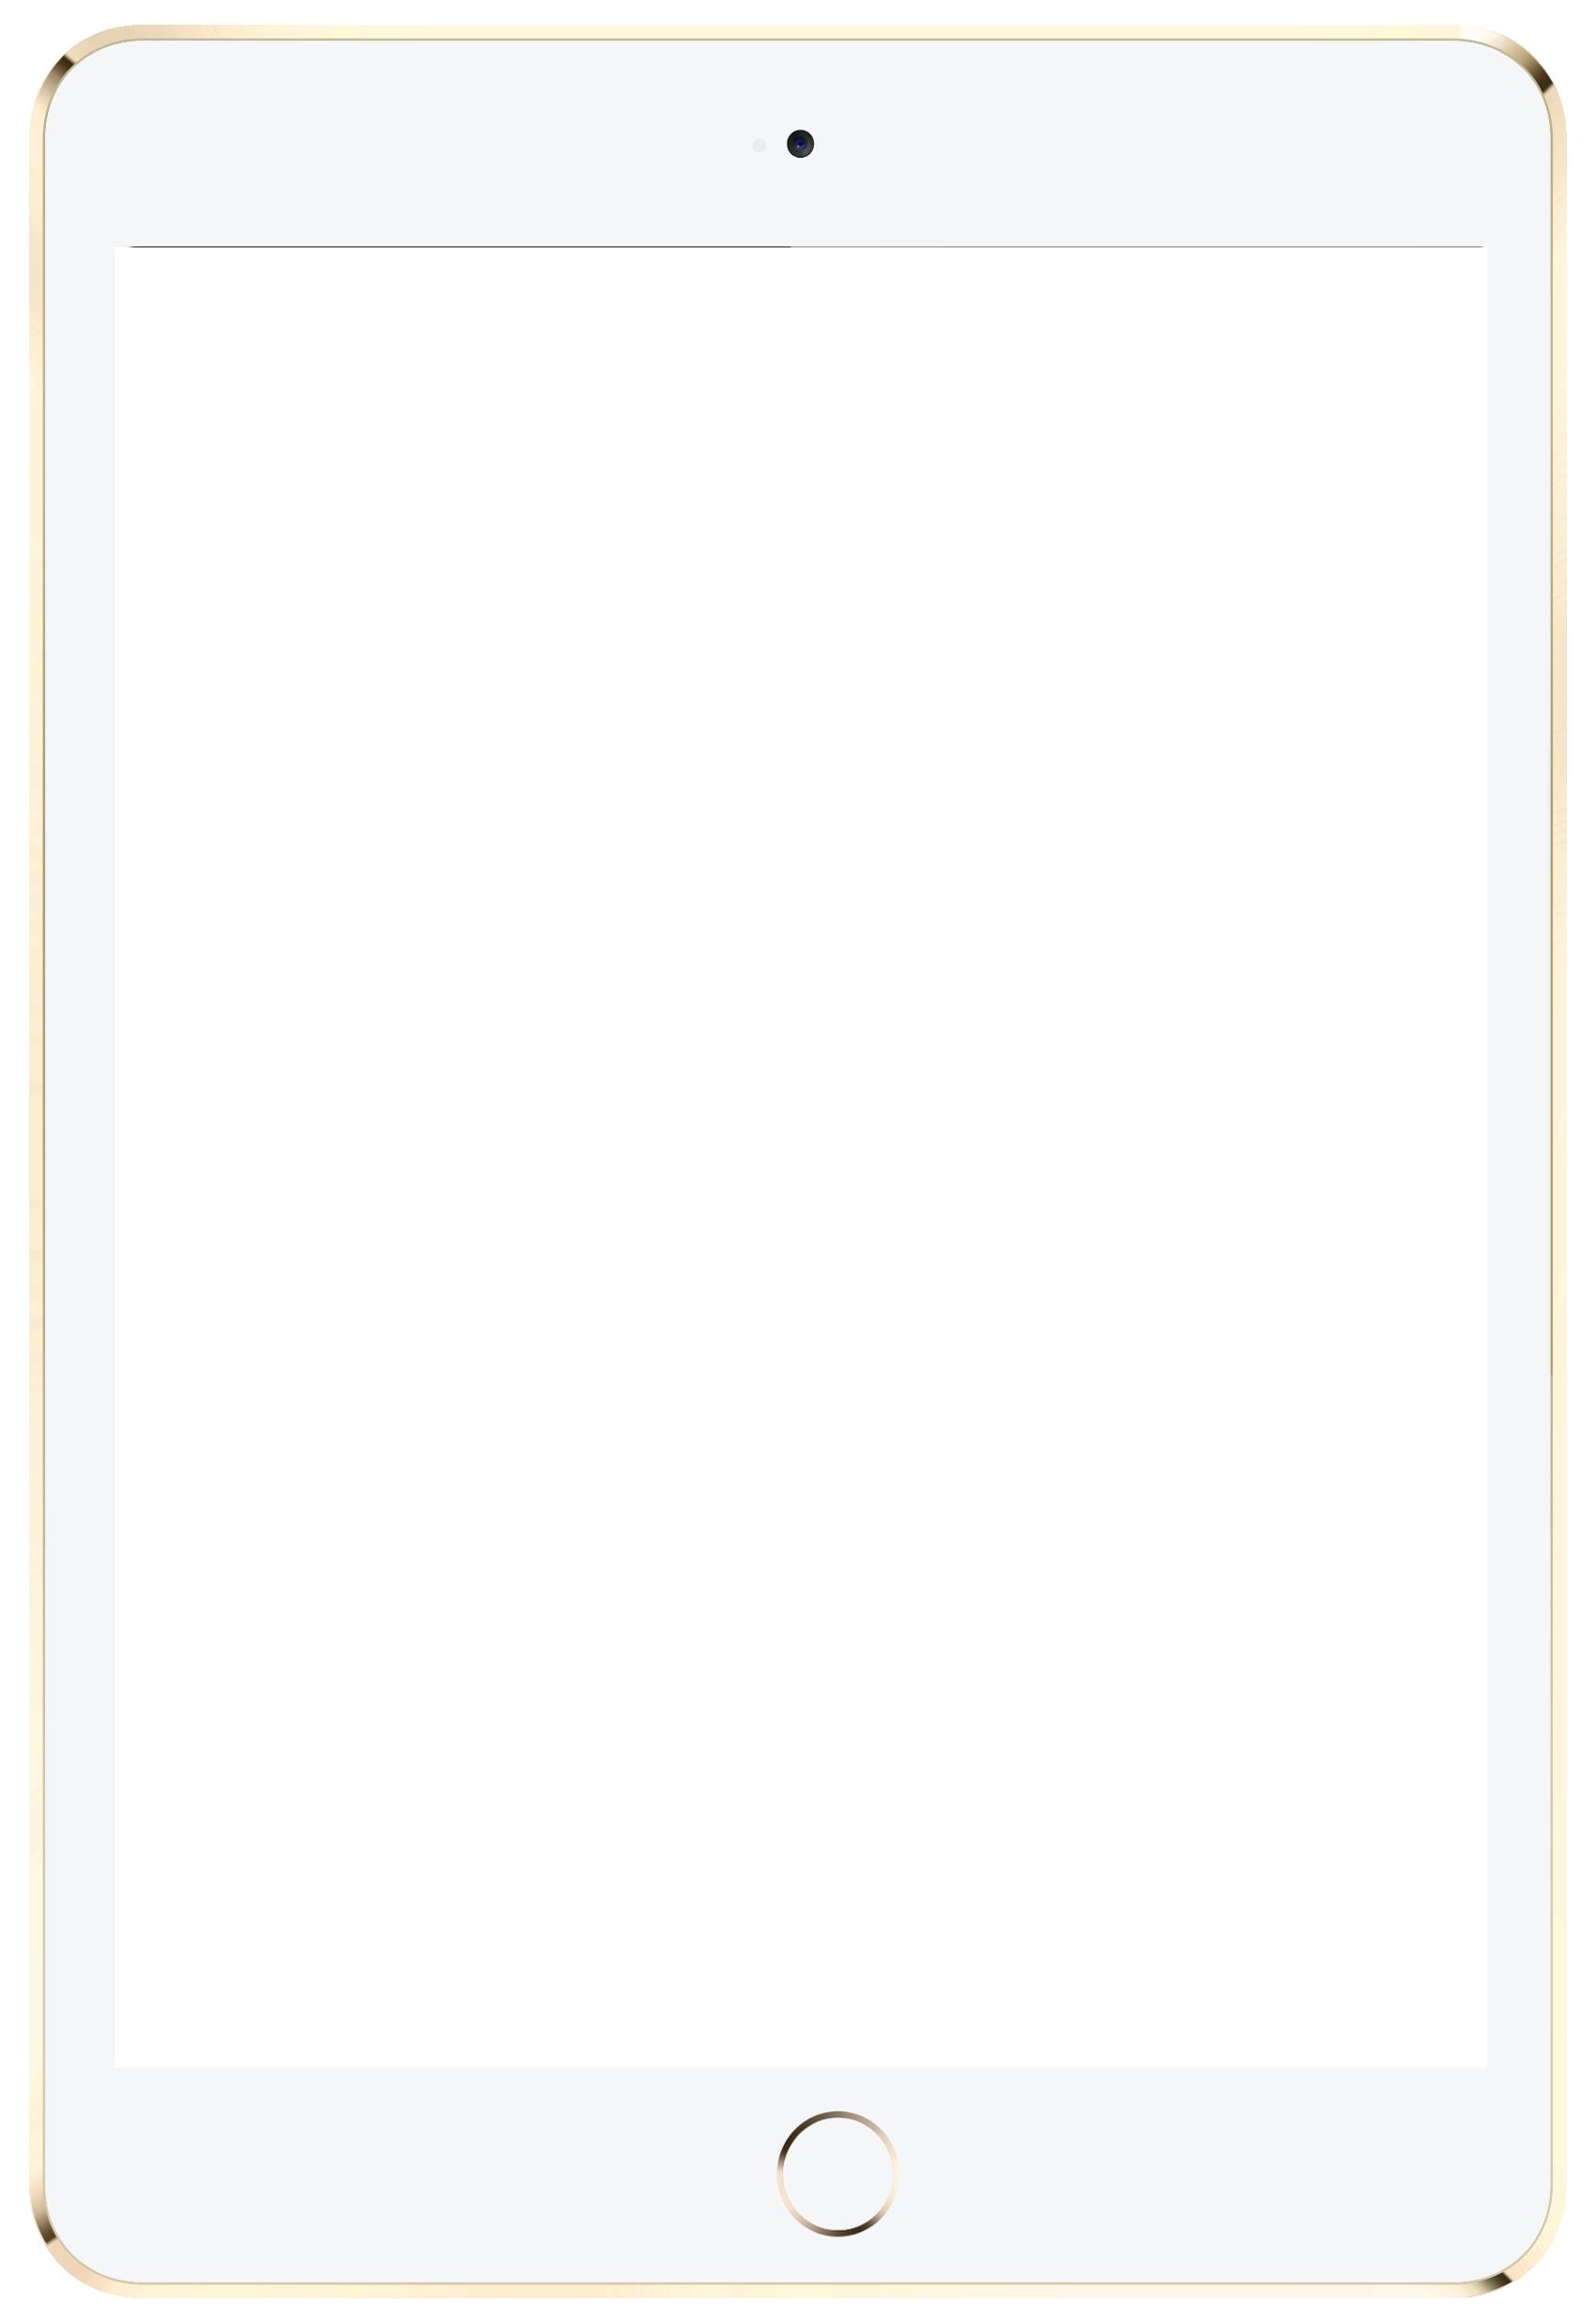 Ipad Air Tablet Png Image Ipad Air Wallpaper Ipad Tablet